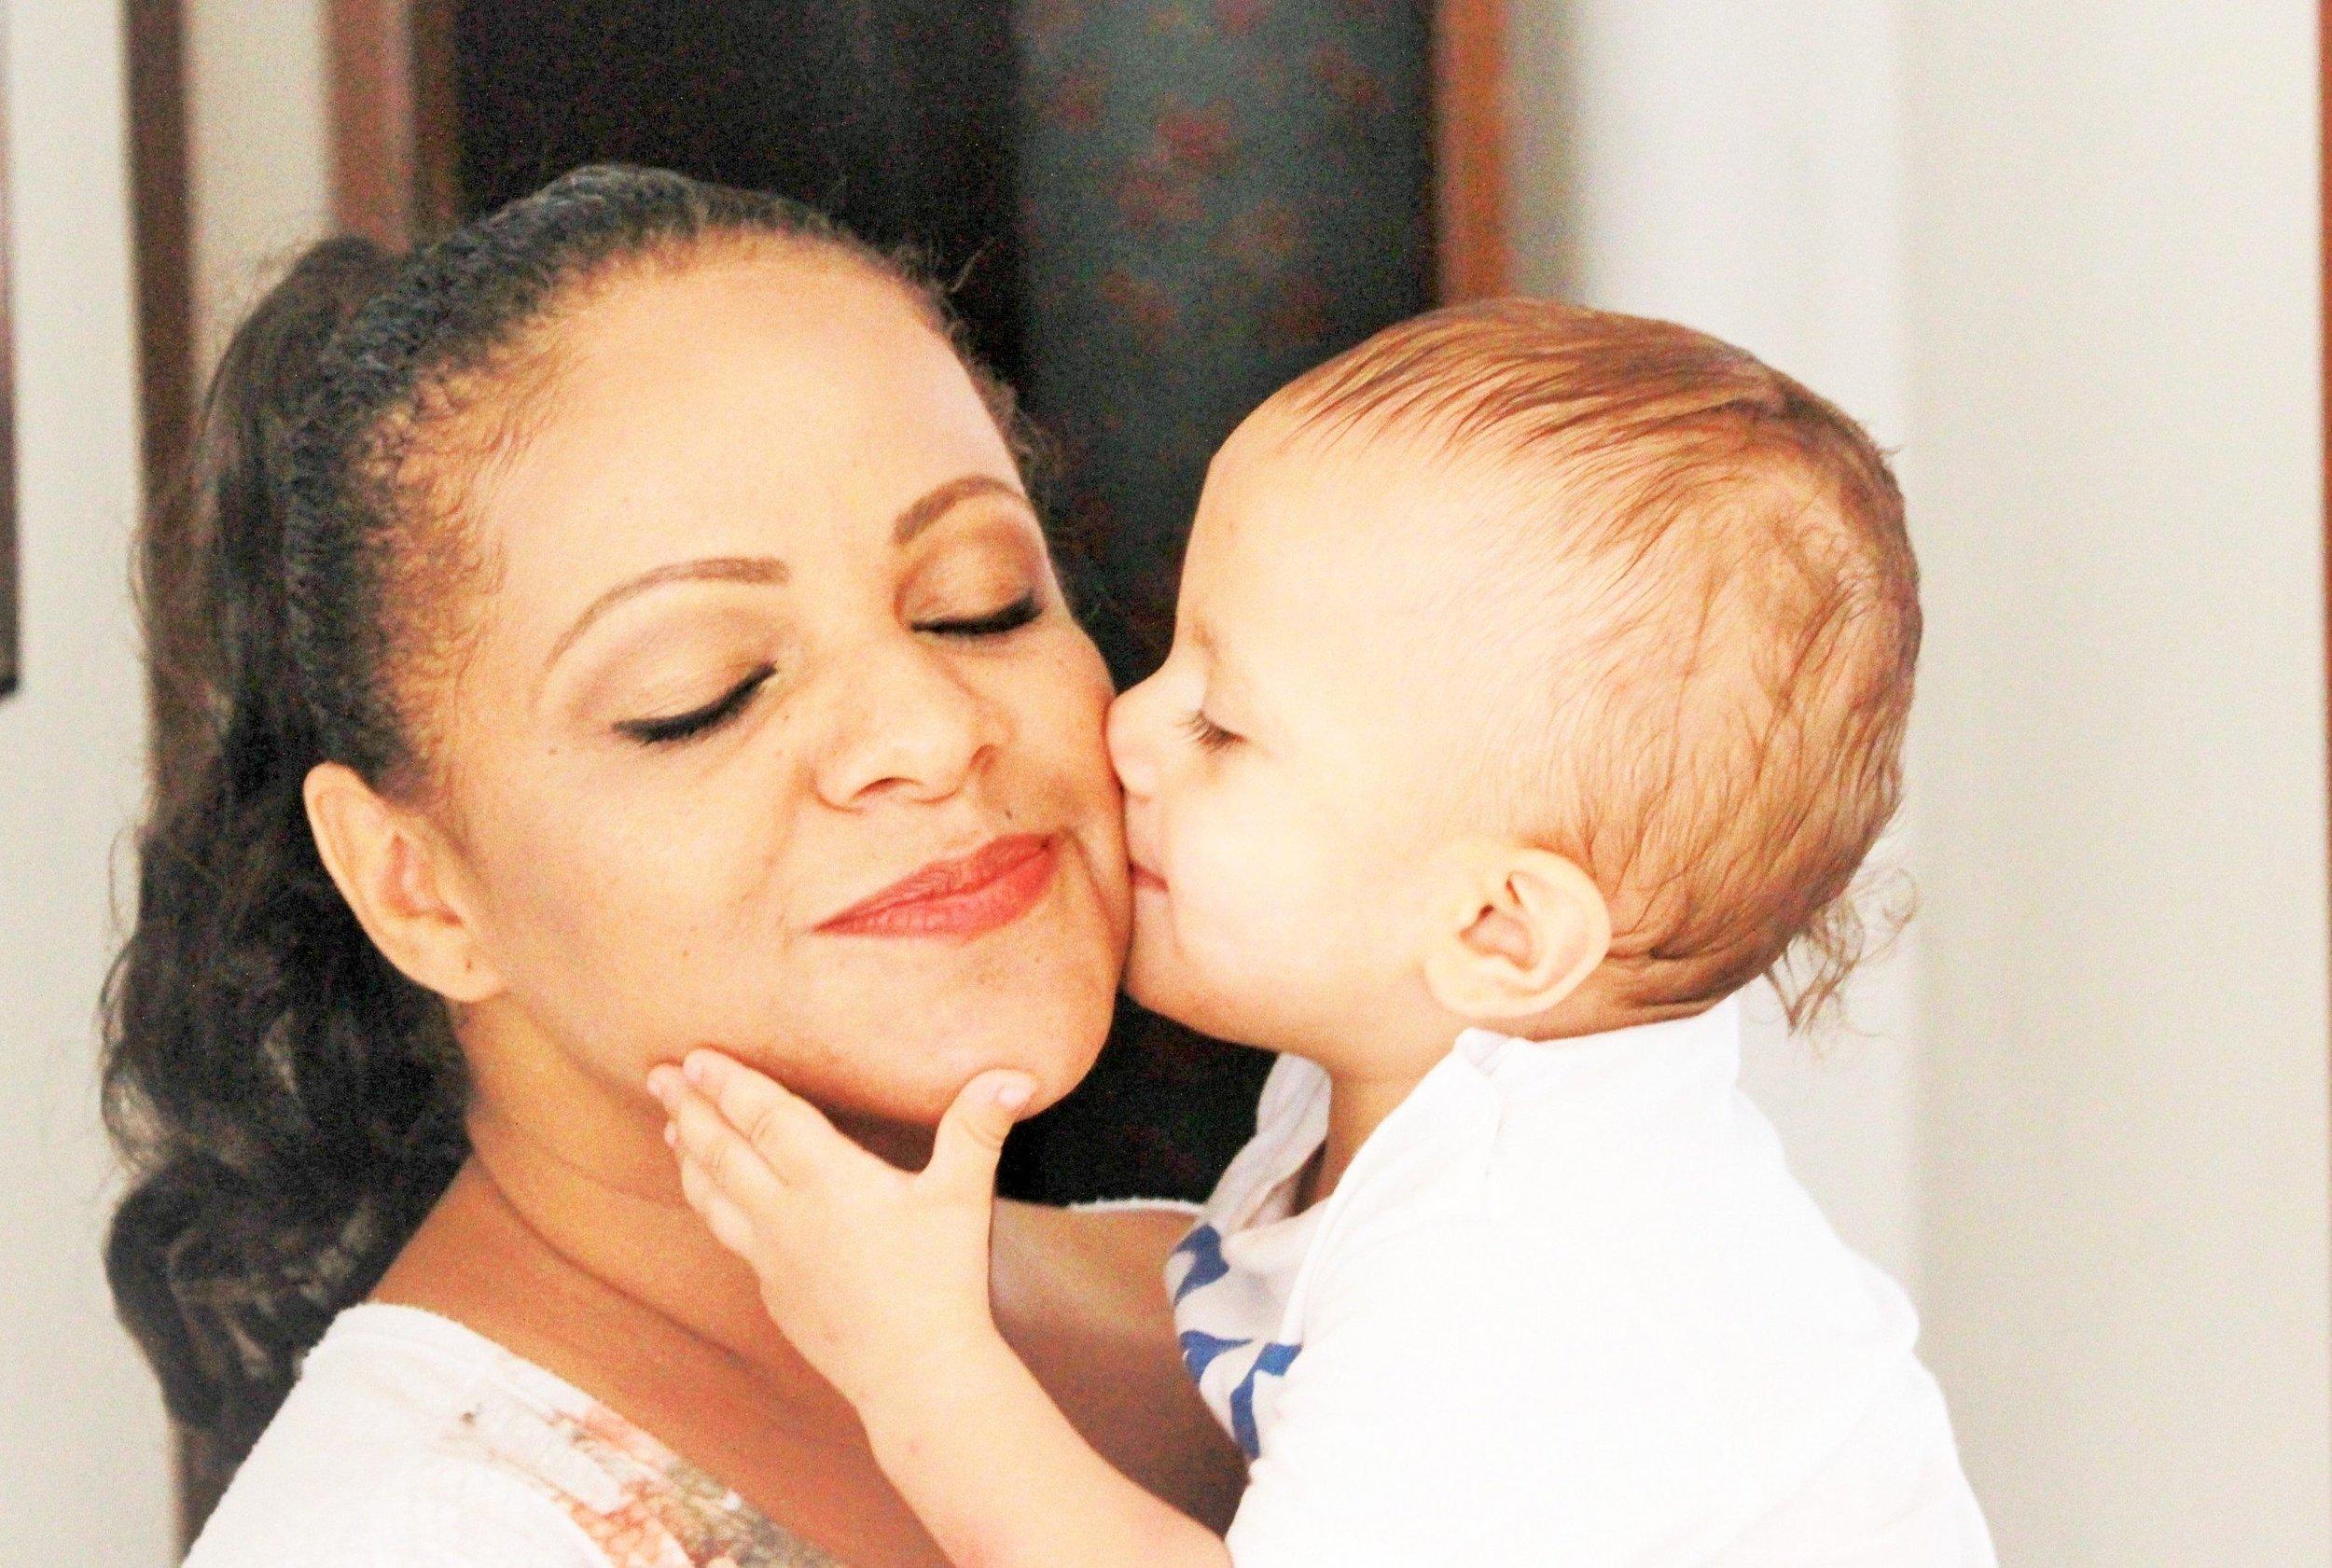 parents-sons-babies-parents-love-mother-son-love.jpg